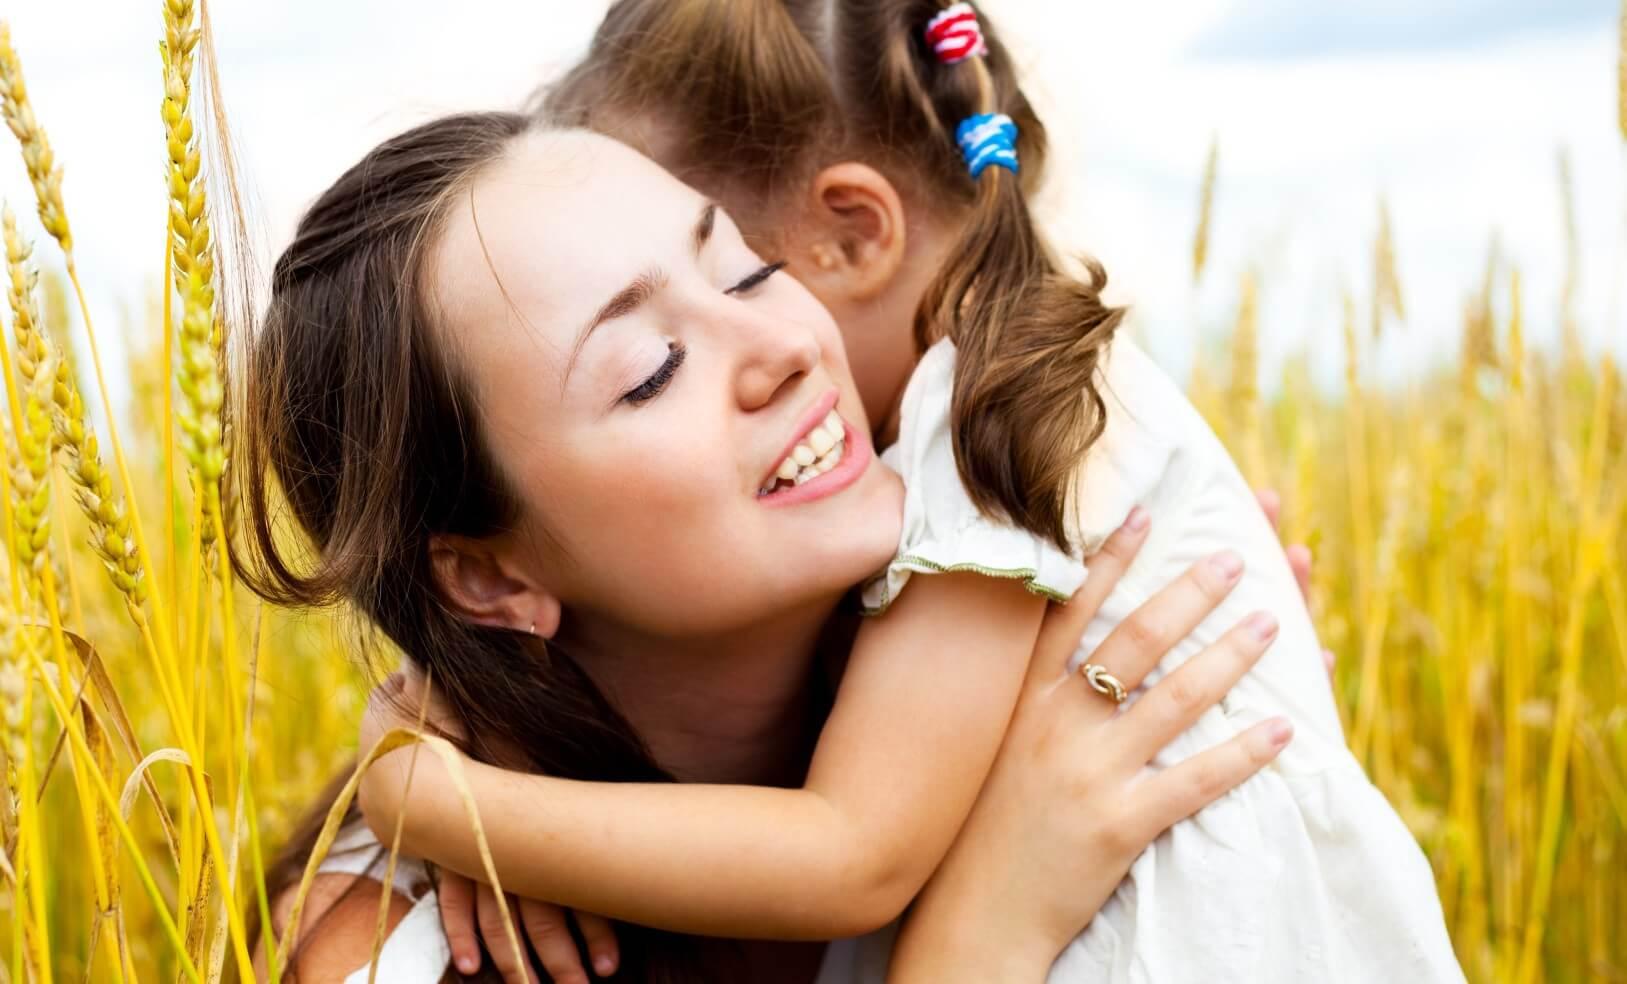 madre-abrazando-a-su-hija representando a los niños buenos